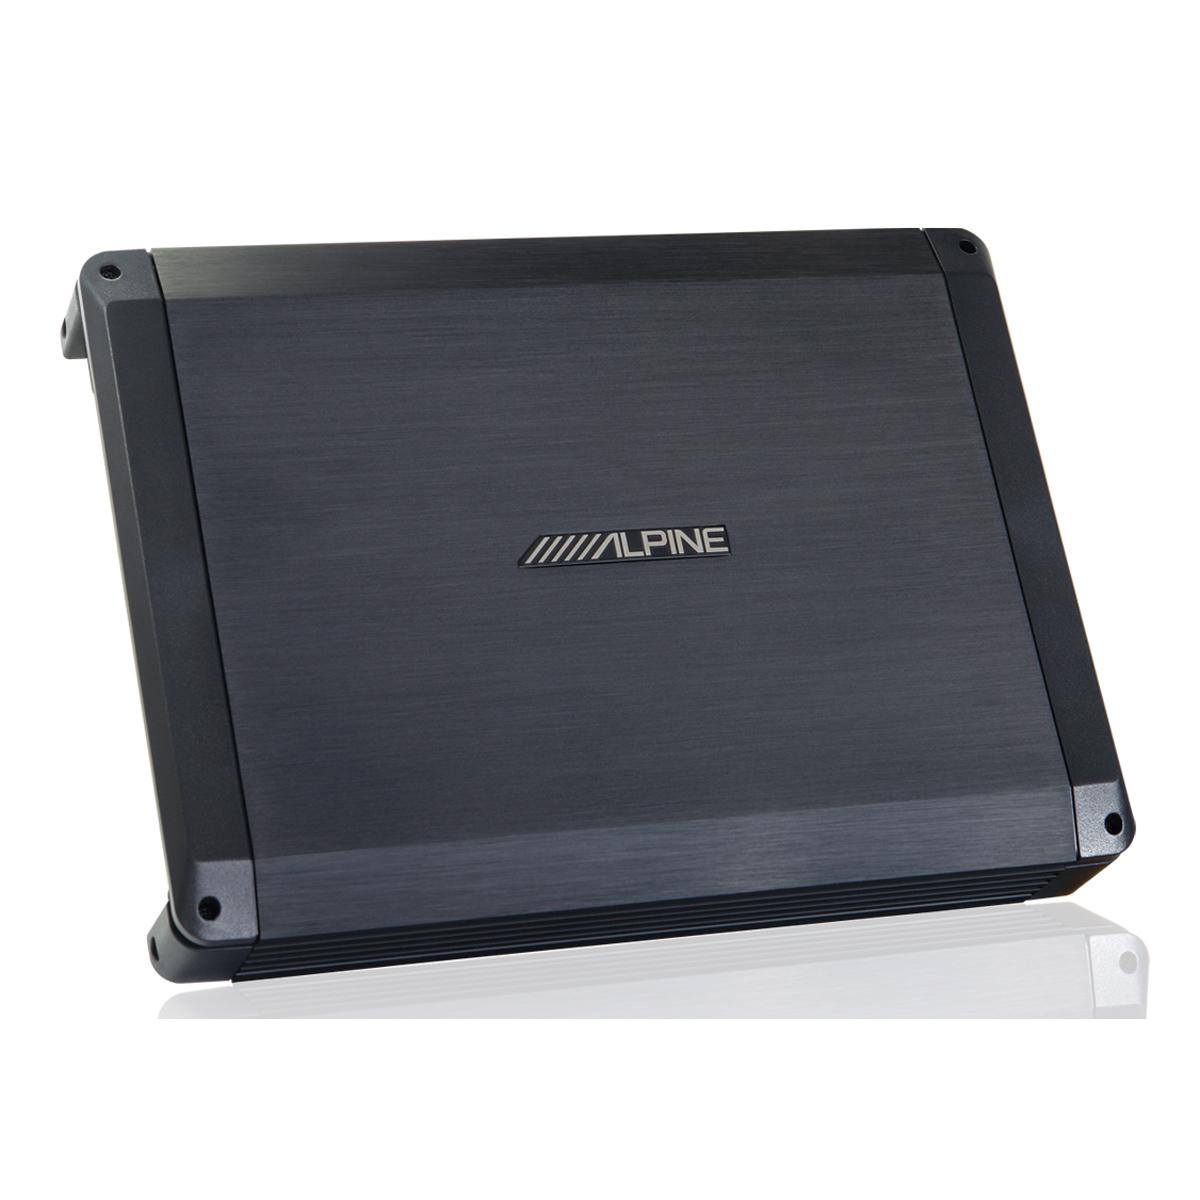 Alpine Bbx F1200 Amplificateur Auto Sur Schema Ampli Puissance Mosfet 1000w 4 Canaux 600 W